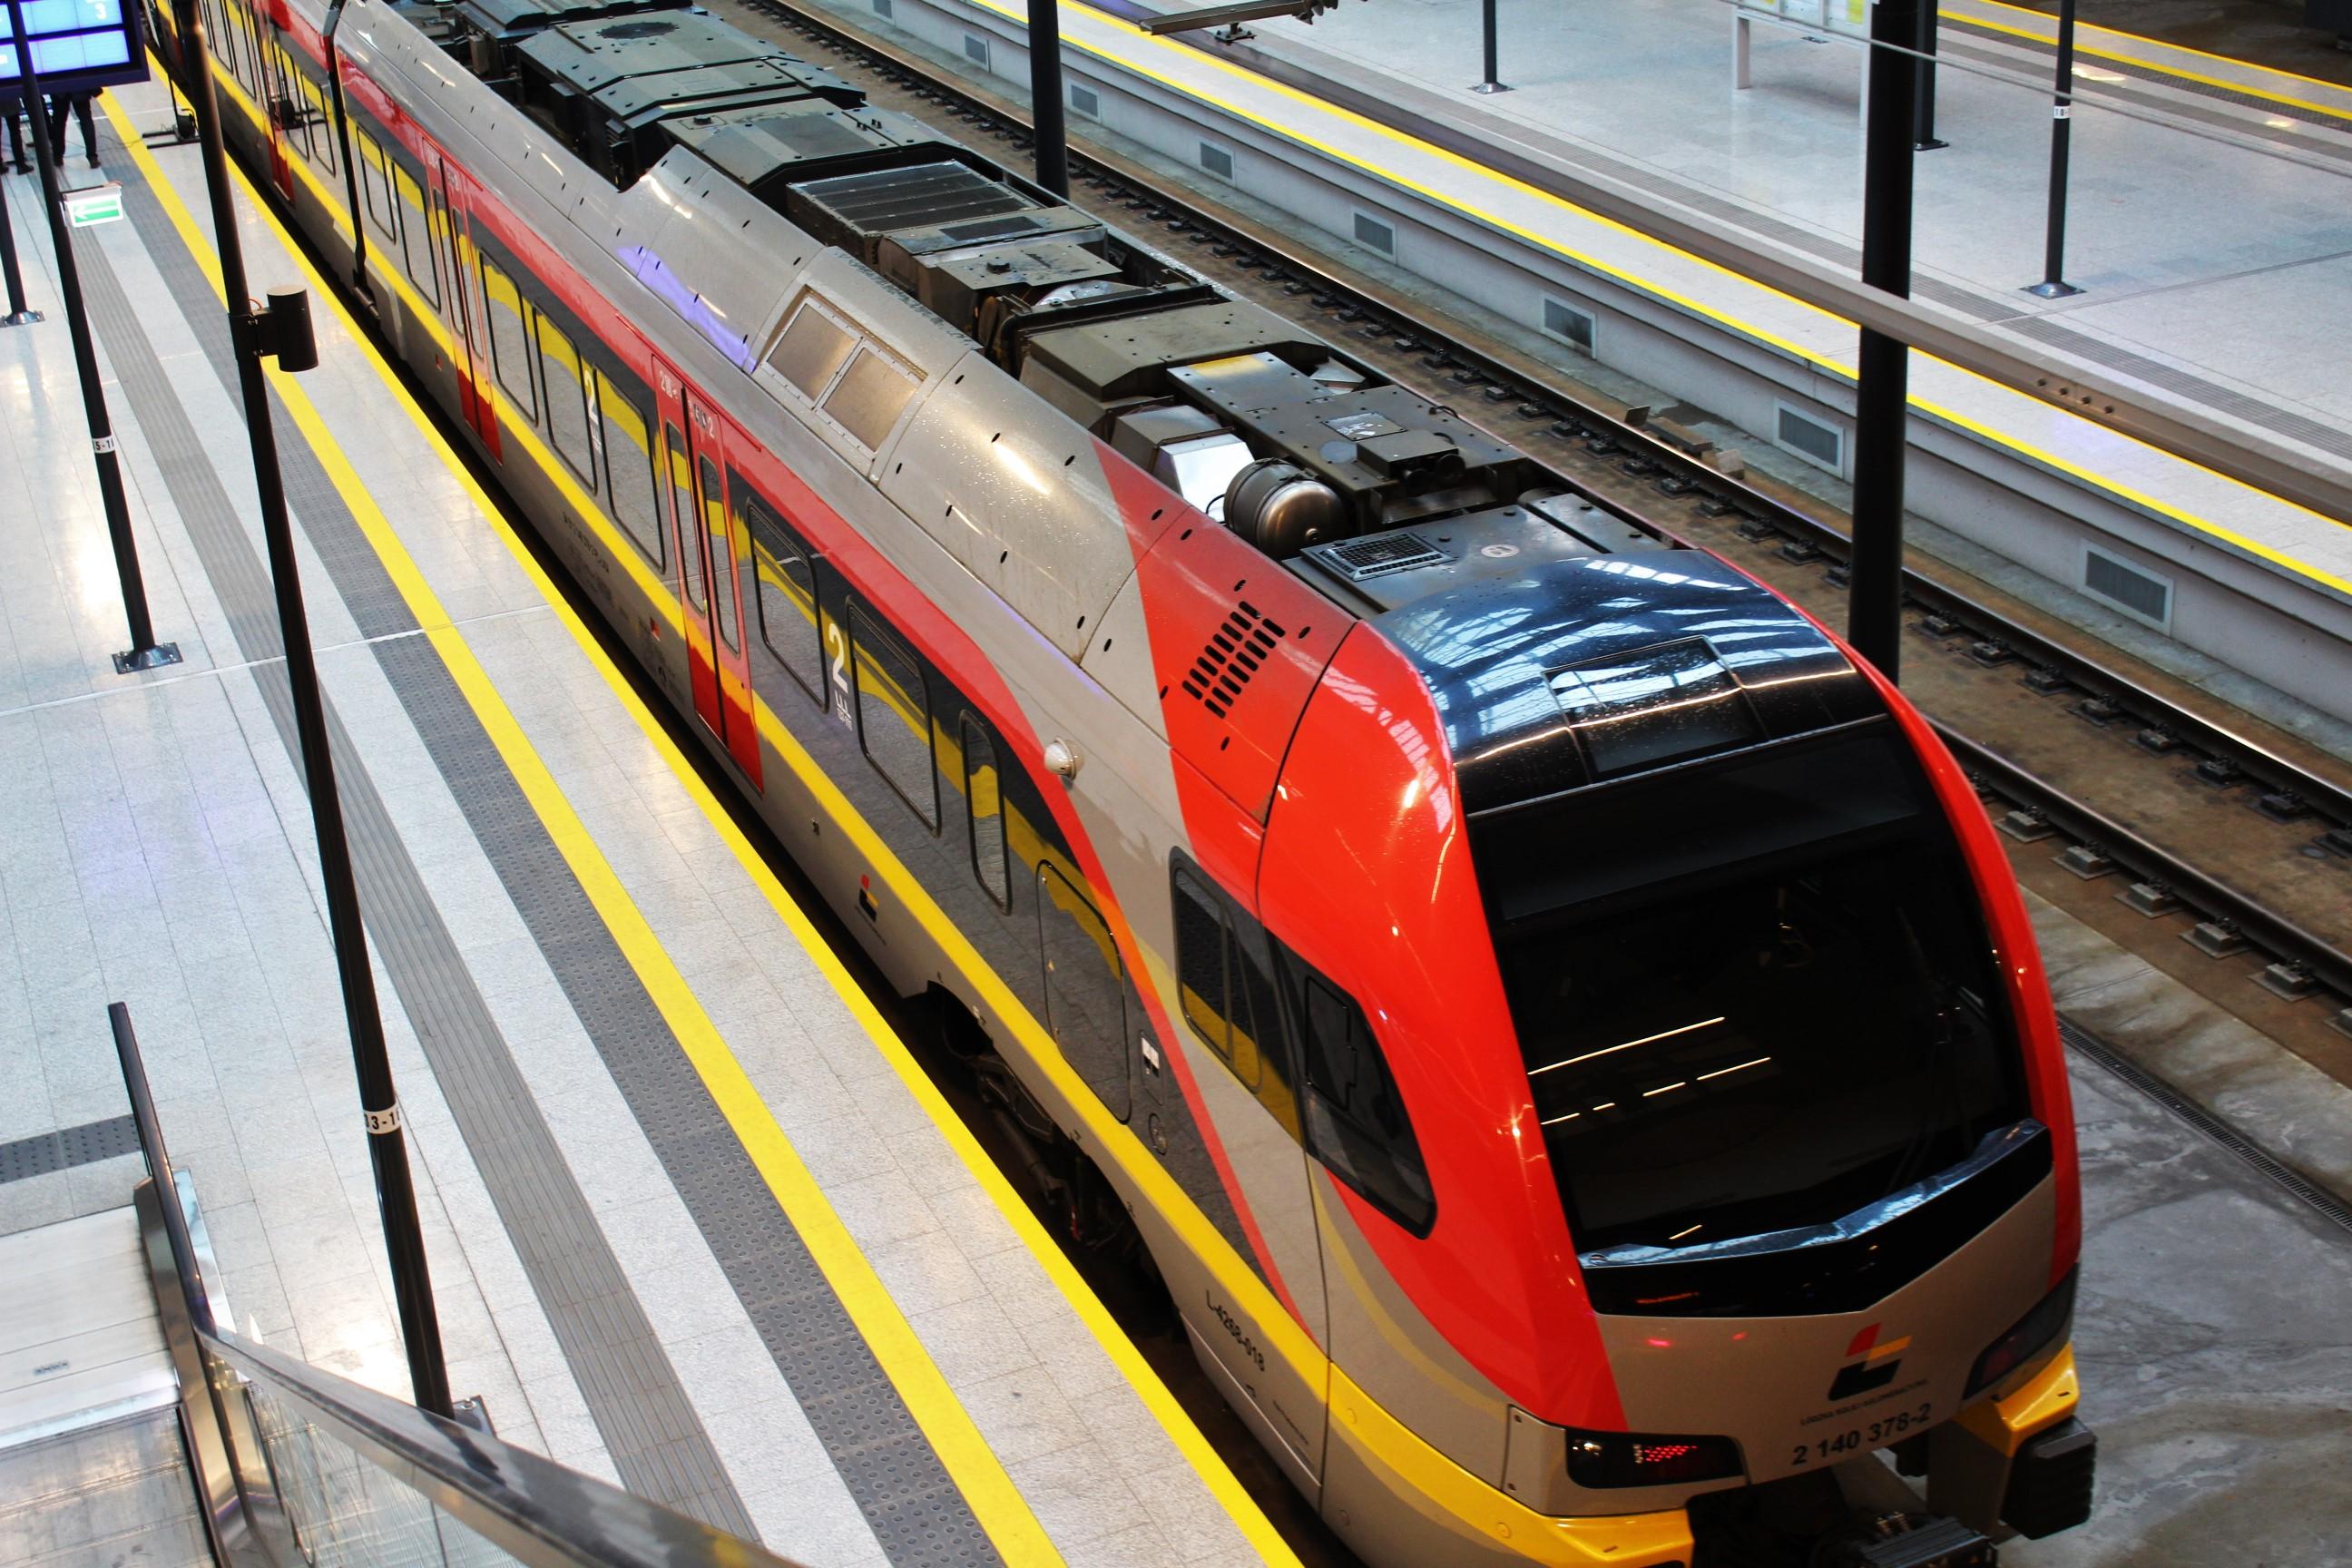 Od 9 kwietnia zmiany w kursowaniu pociągów ŁKA. Powód: zamknięcia torów